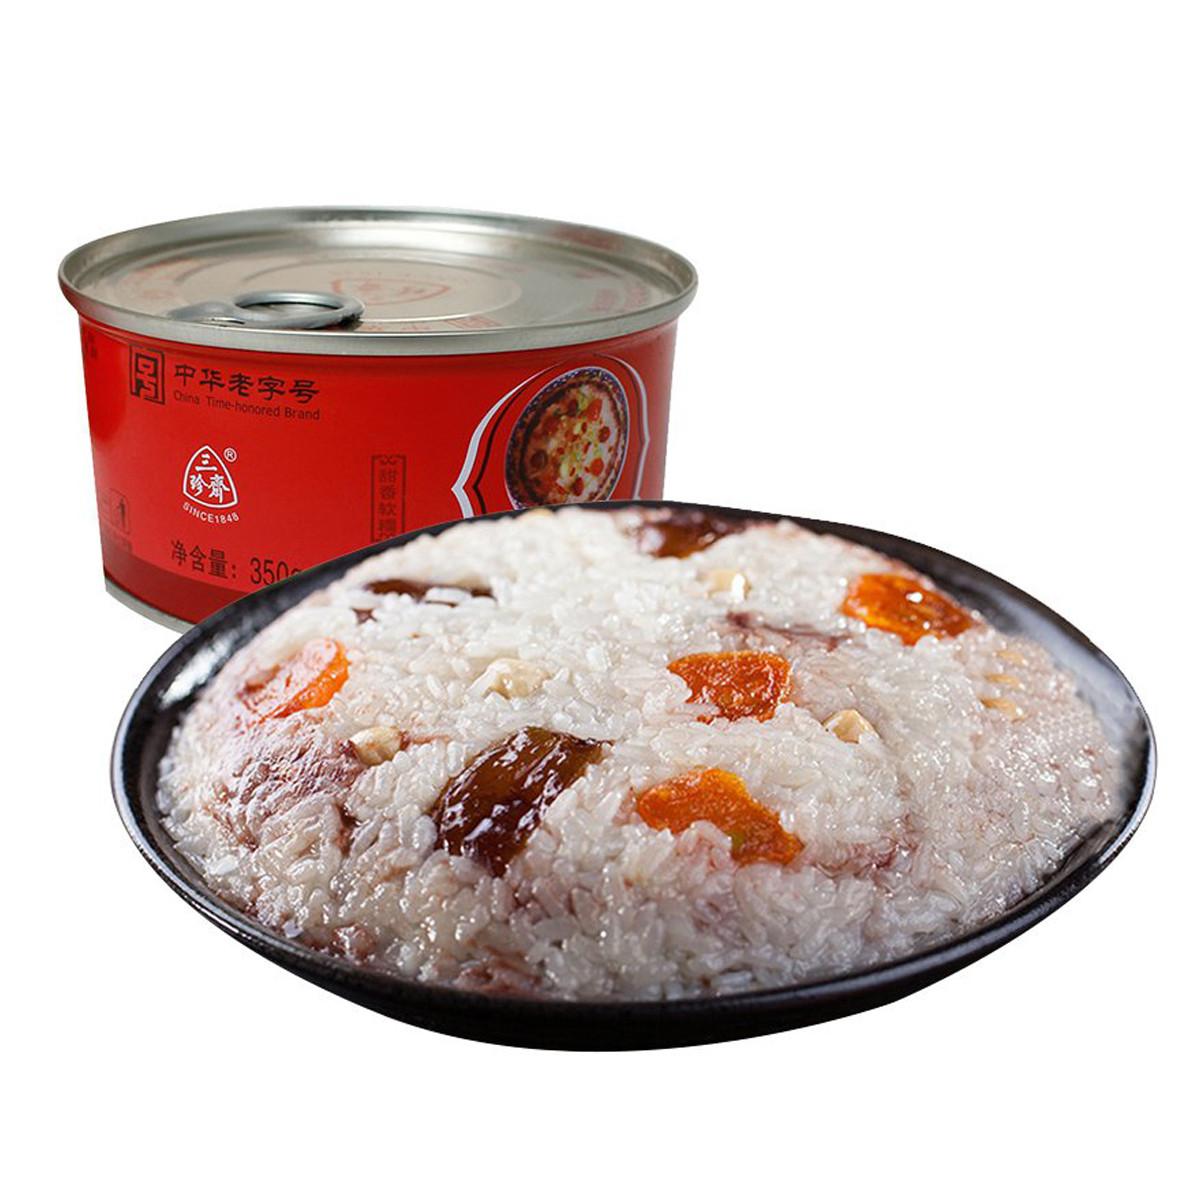 三珍斋中华老字号八宝饭罐头350g糯米饭江南特产方便米饭小吃COLOR加包装